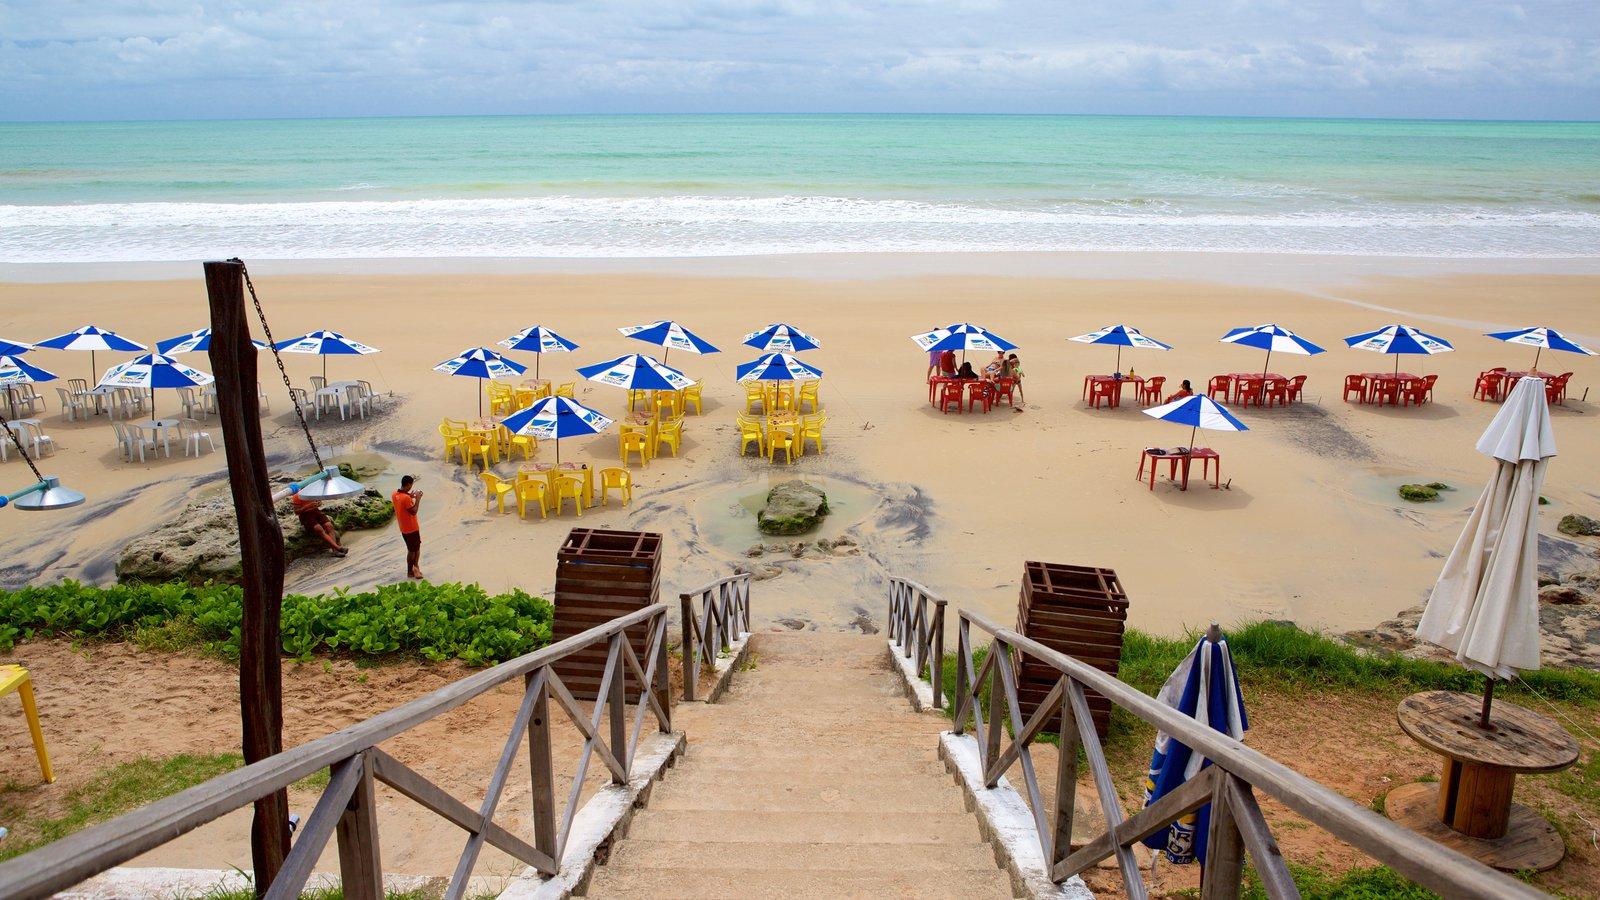 Praia de Cotovelo que inclui paisagens litorâneas e uma praia